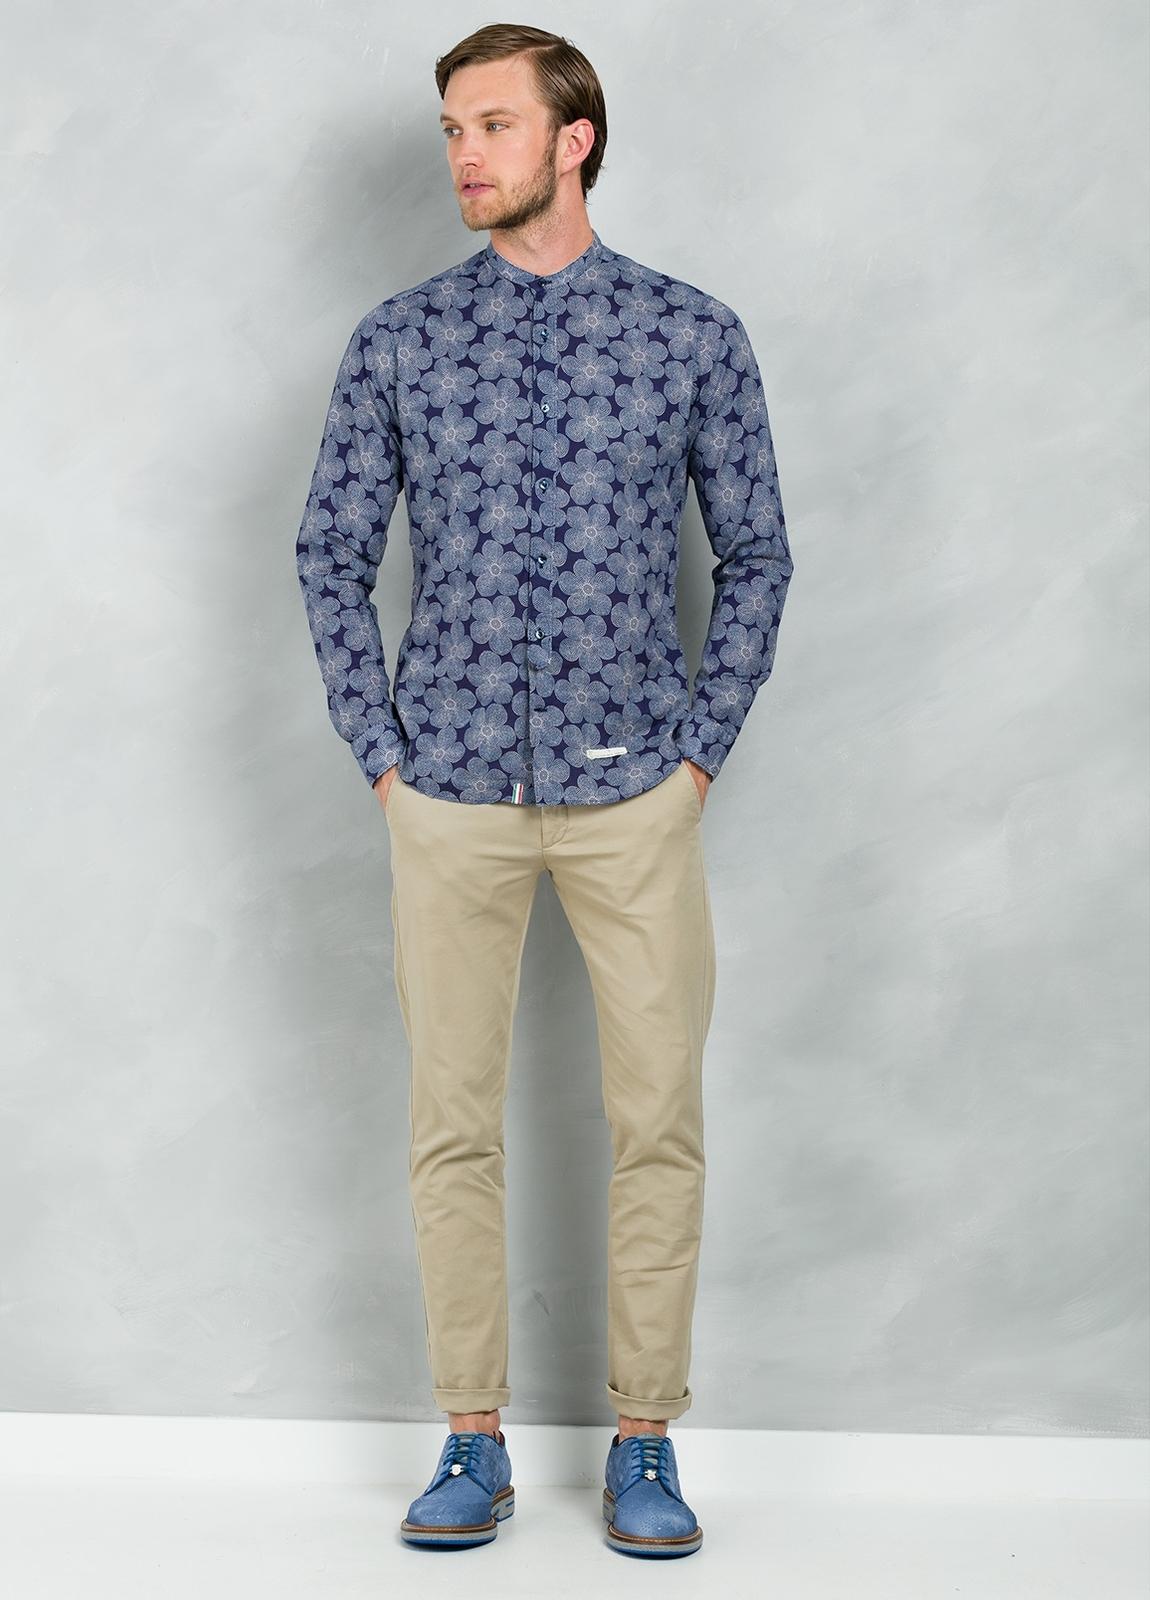 Camisa sport SLIM FIT modelo MAO JAPAN maxi estampado floral y cuello mao, 100% Algodón.